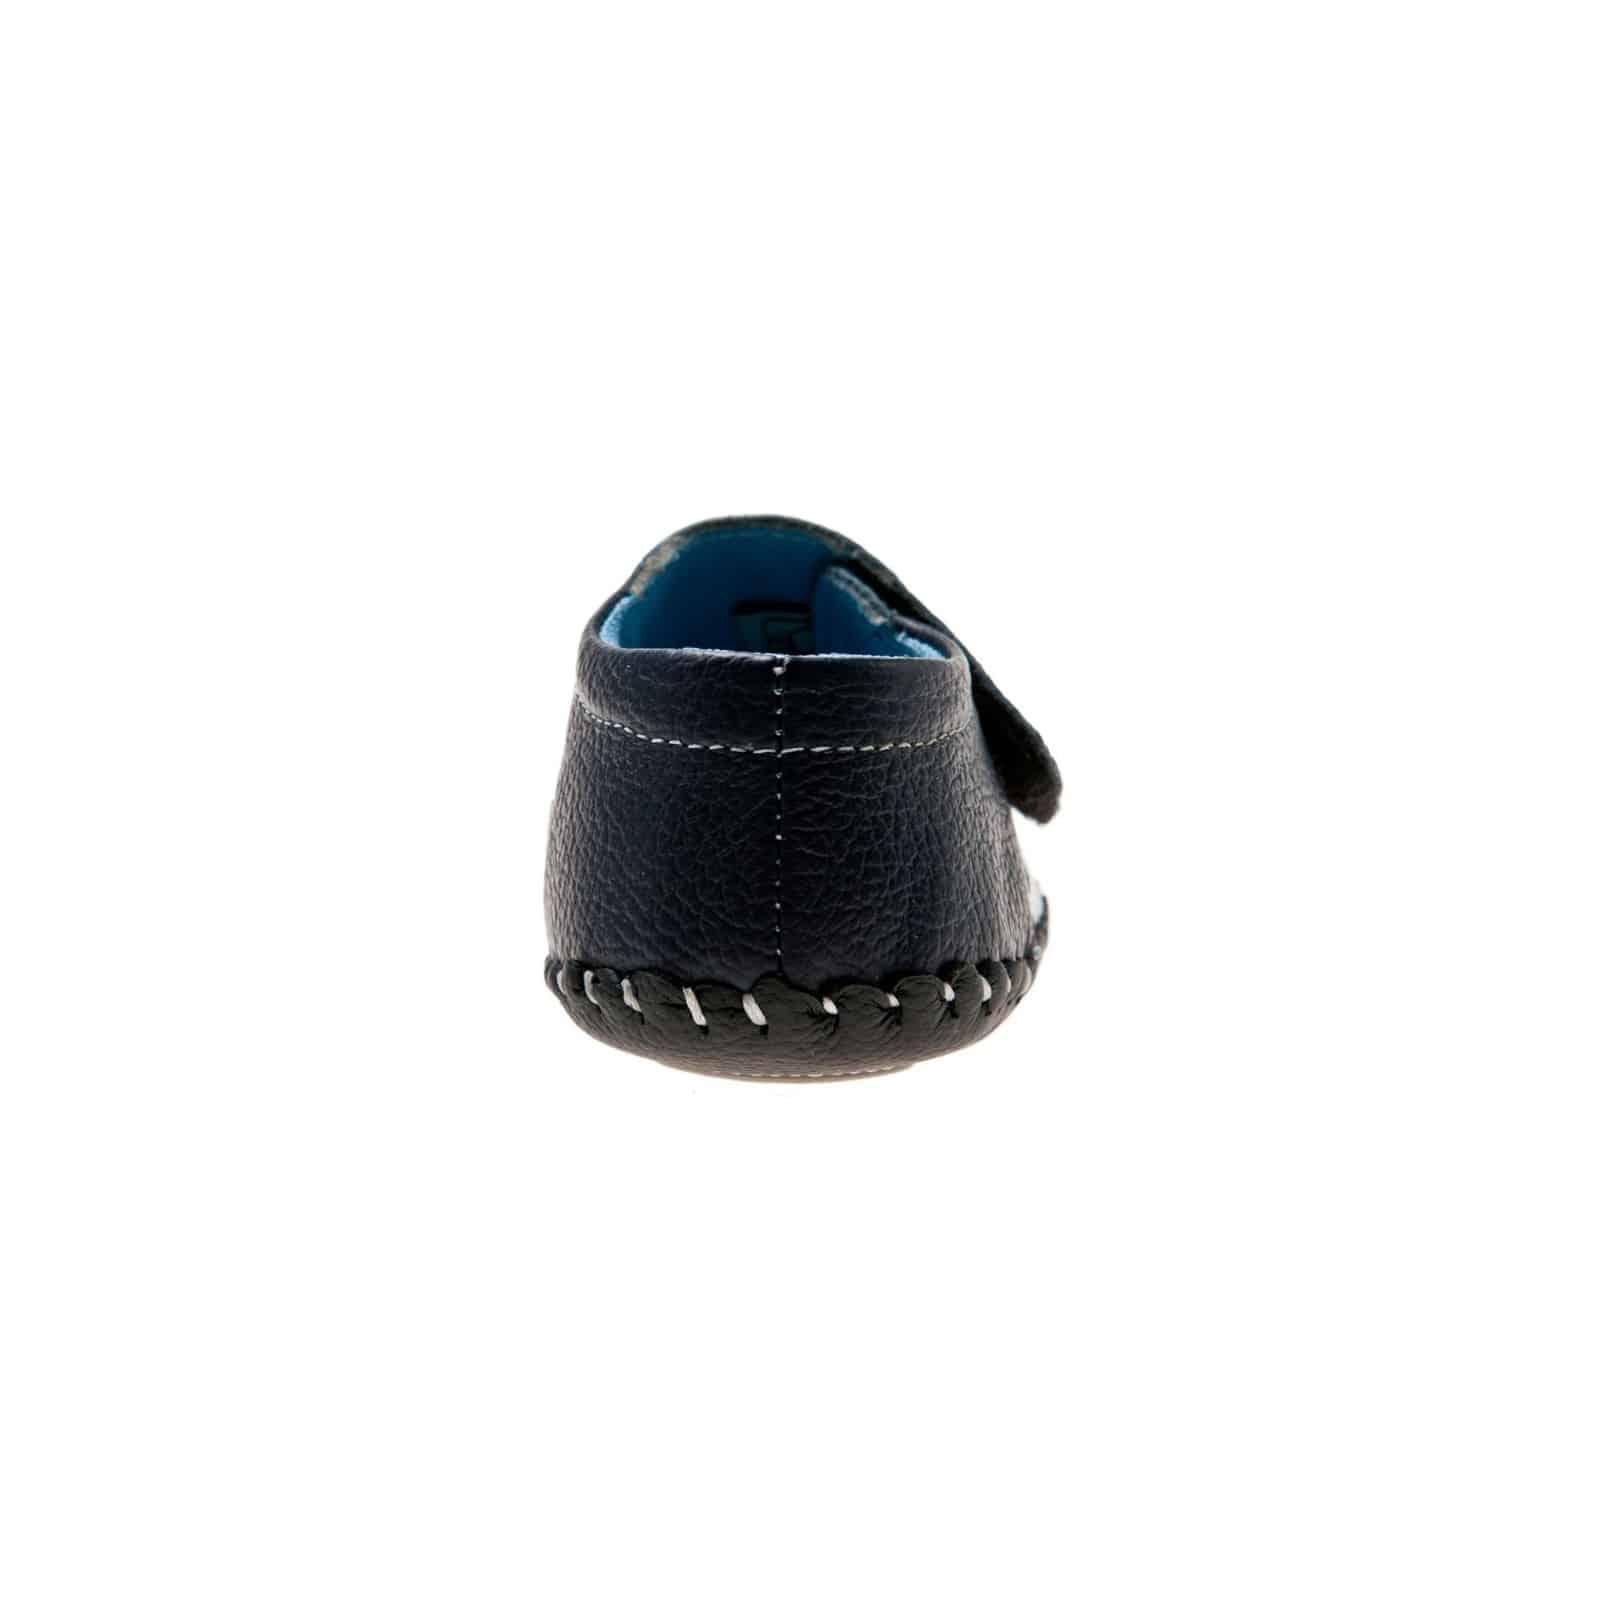 fd003b18 little-blue-lamb-zapatos-de-bebe-primeros-pasos-de-cuero-ninos -zapatillas-de-deporte-azul-marino.jpg